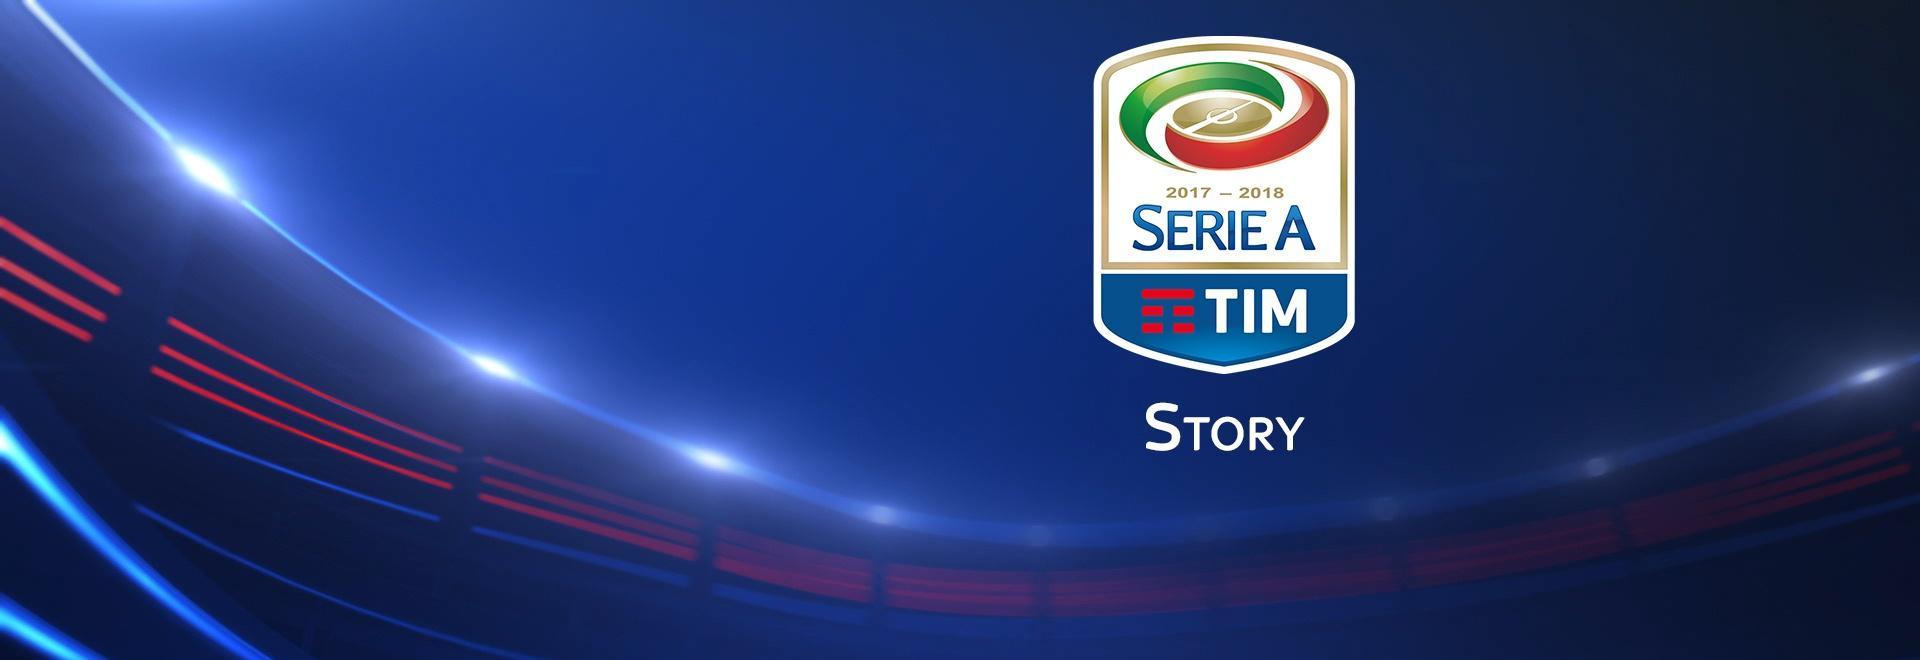 Inter - Napoli 09/12/12